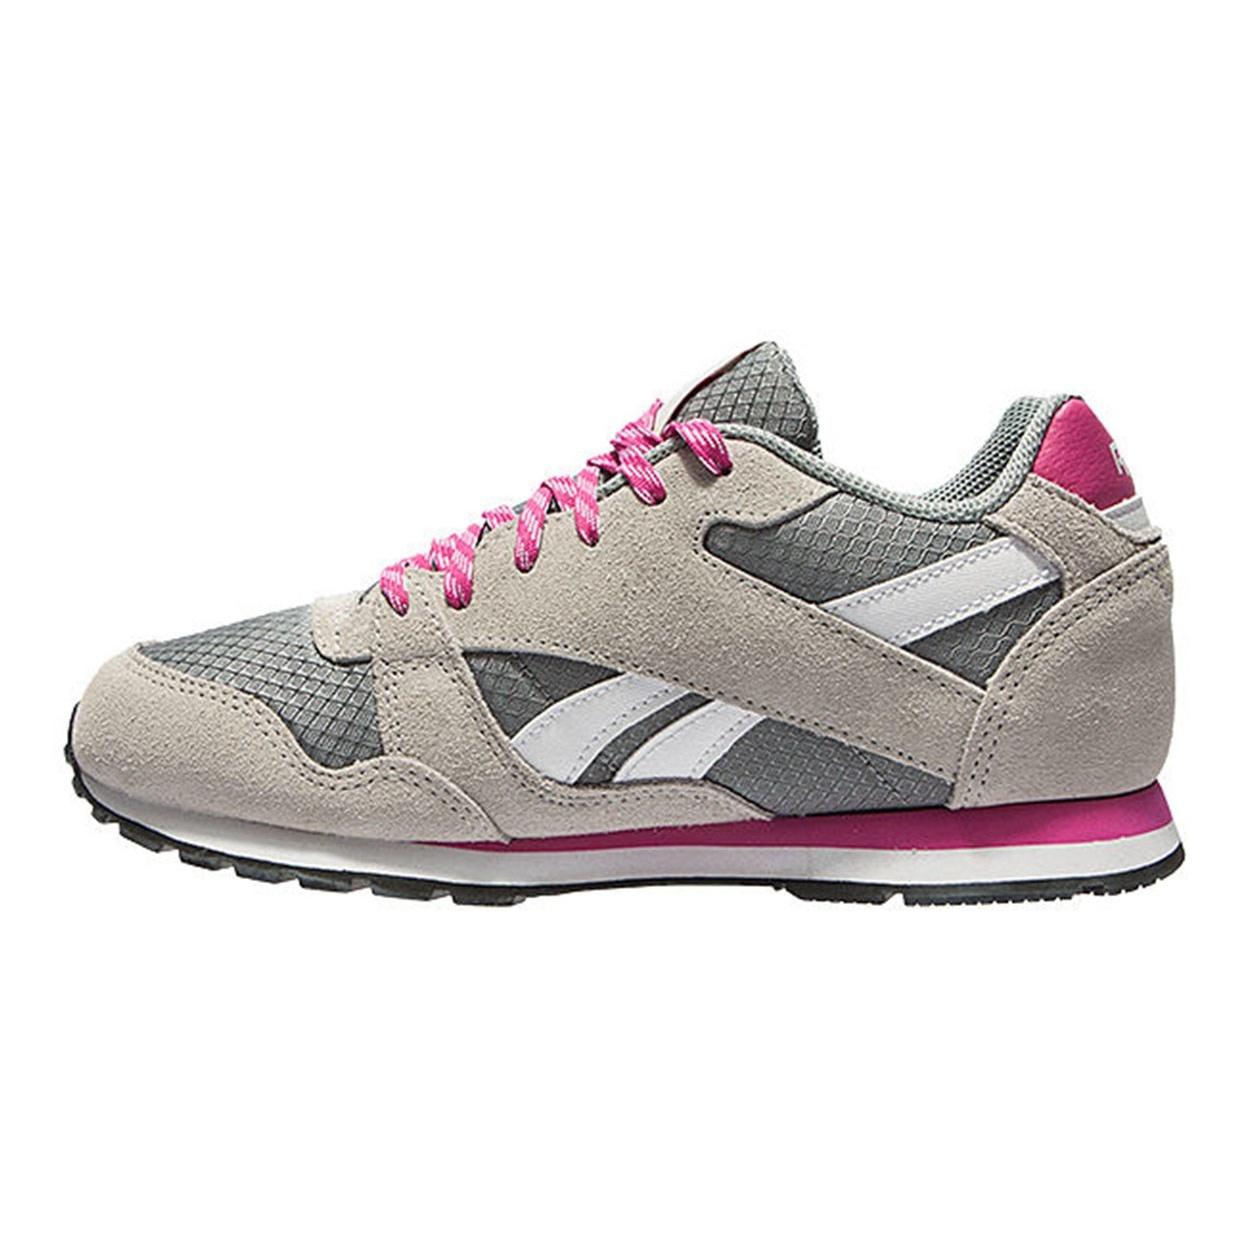 تصویر کفش مخصوص دویدن زنانه ریباک مدل Leather Pop